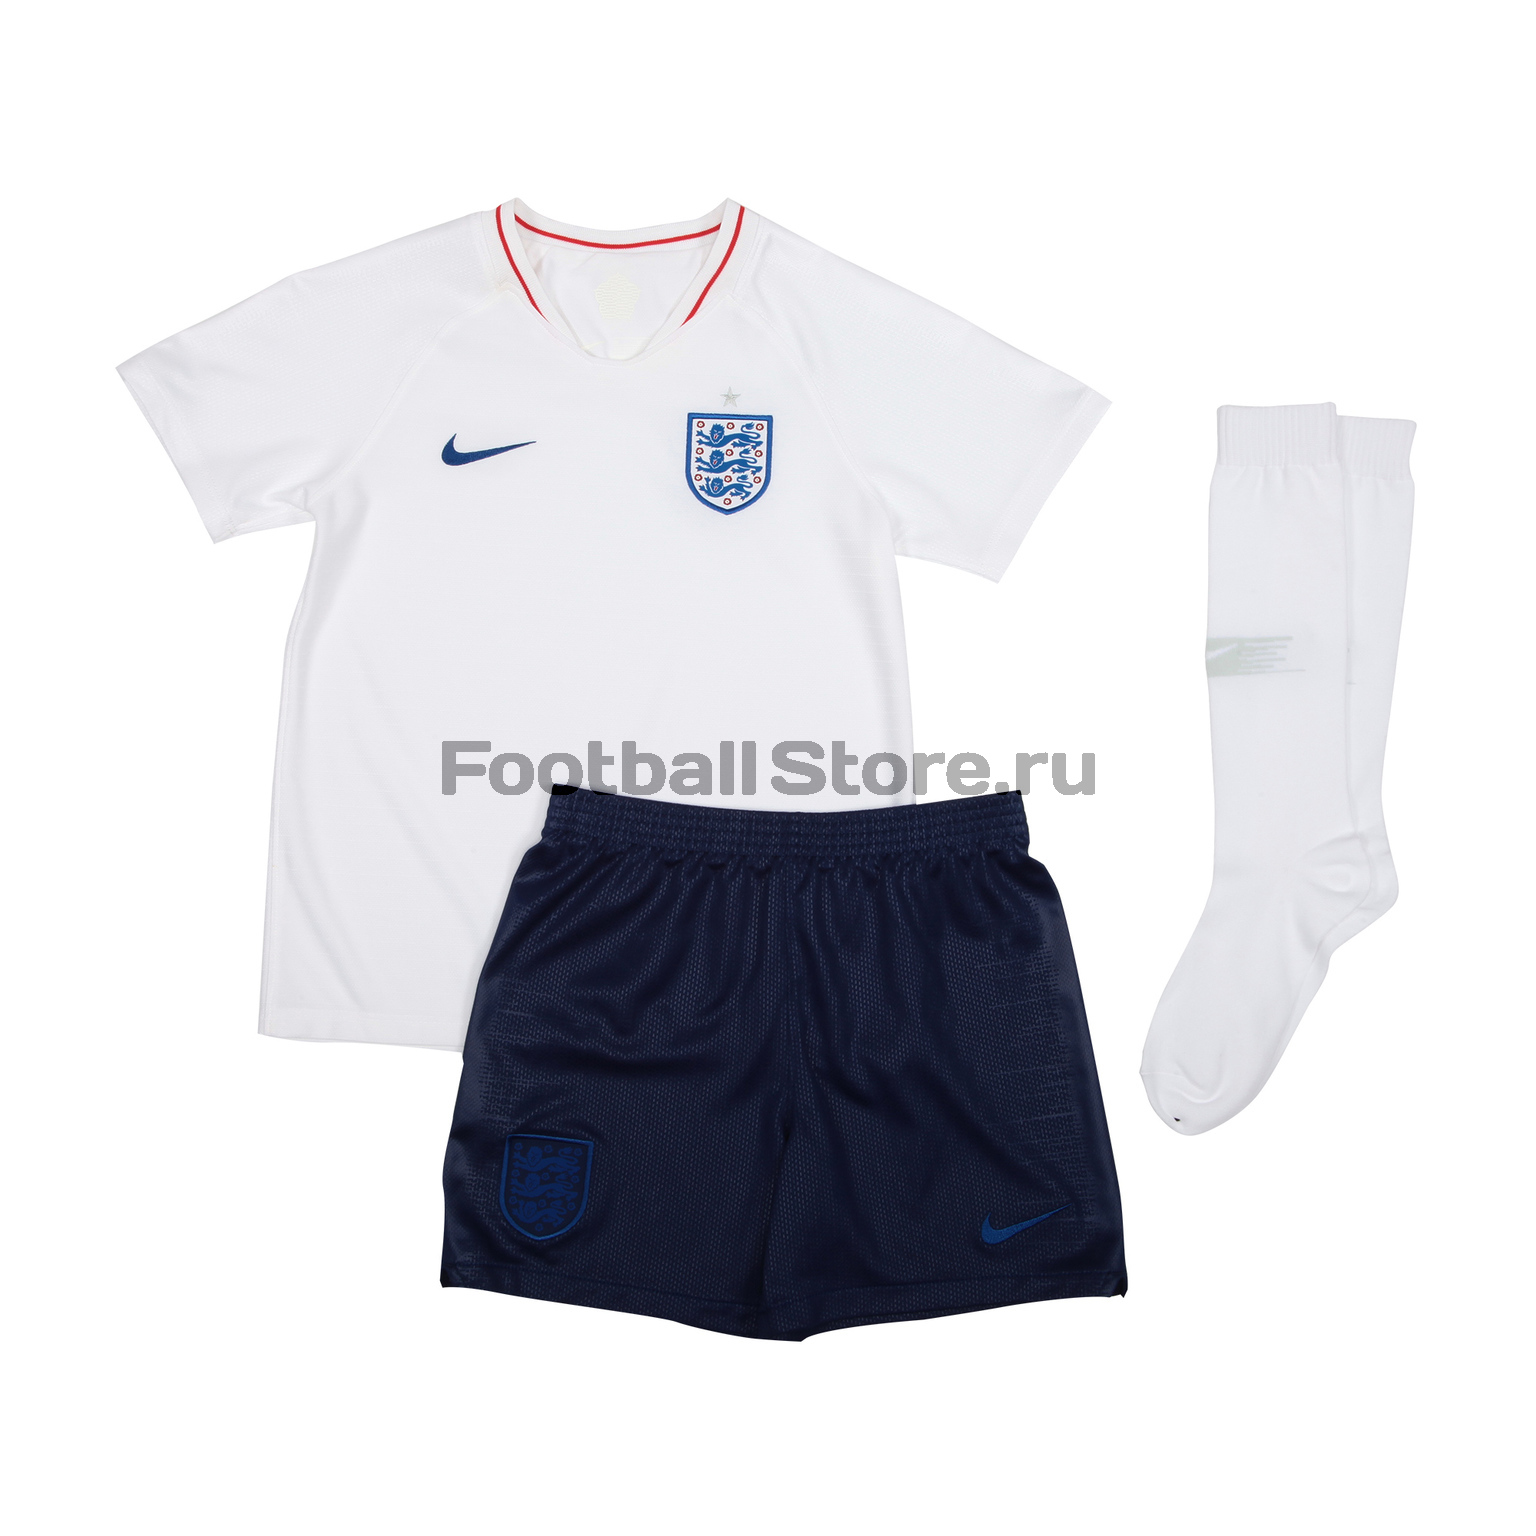 85a6fe2a5cf4 Комплект детской формы Nike сборной Англии (England) 894041-100